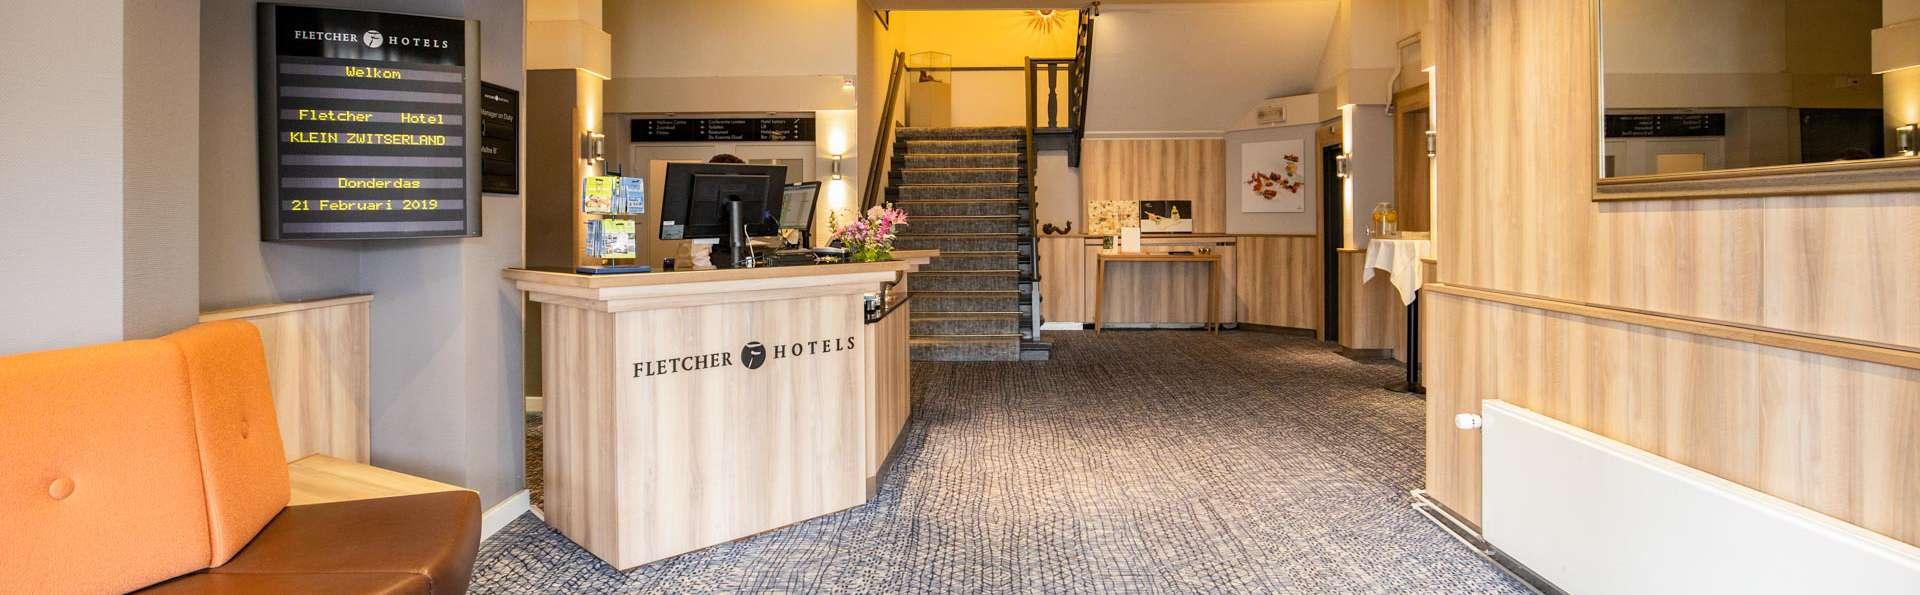 Fletcher Hotel Klein Zwitserland - EDIT_N2_LOBBY_01.jpg